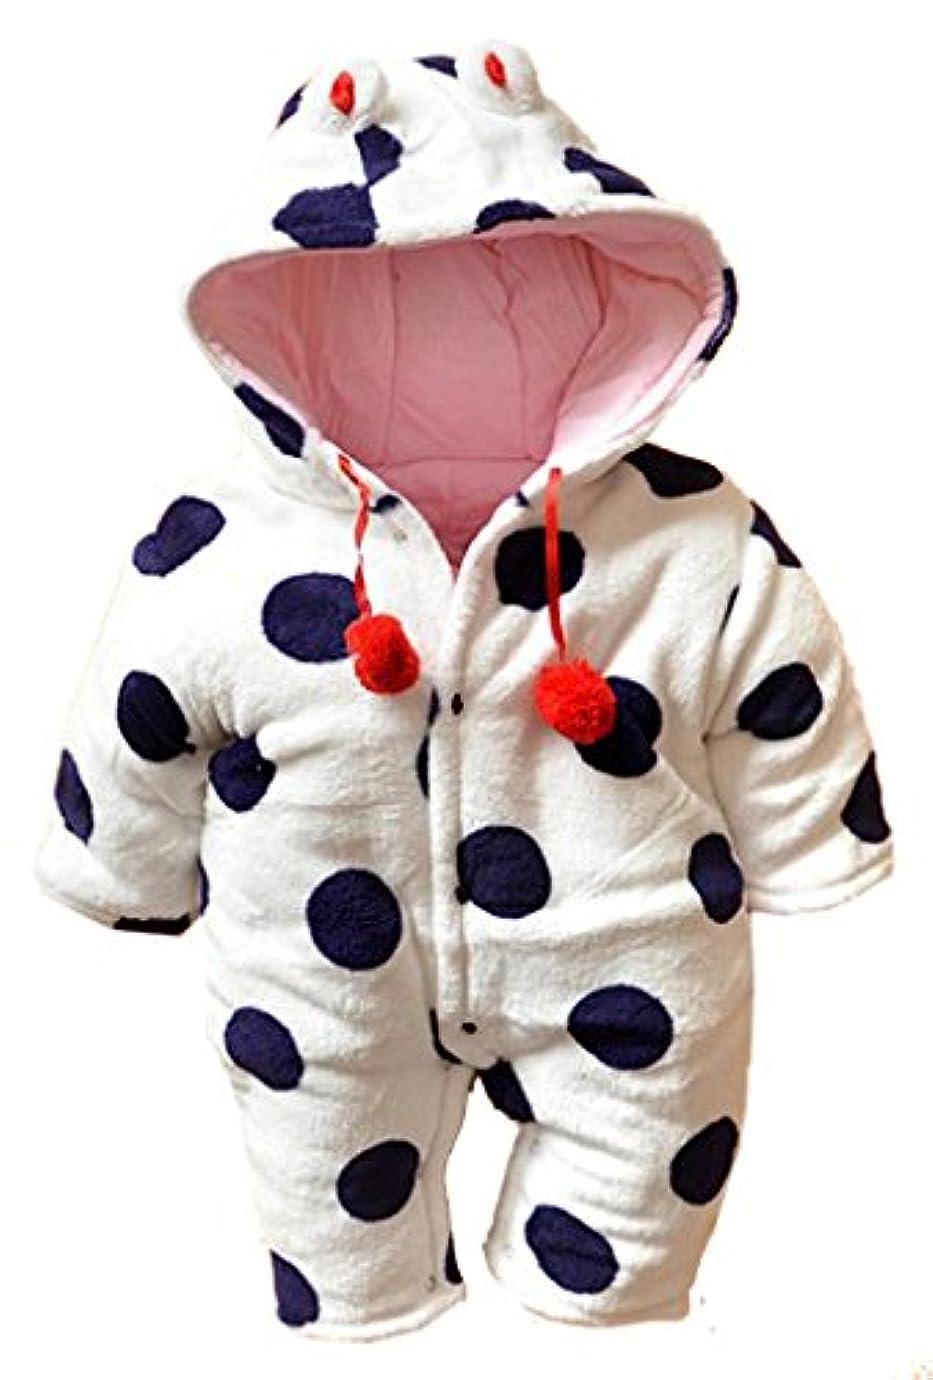 六月文房具ミニチュア(ラボーグ)La vogue 新生児 ベビー服 綿服 コスチューム 衣装 足つきとフード付 長袖 子供用 着ぐるみ 赤ちゃん もこもこ カバーオール 可愛い 68 パープル 足なし